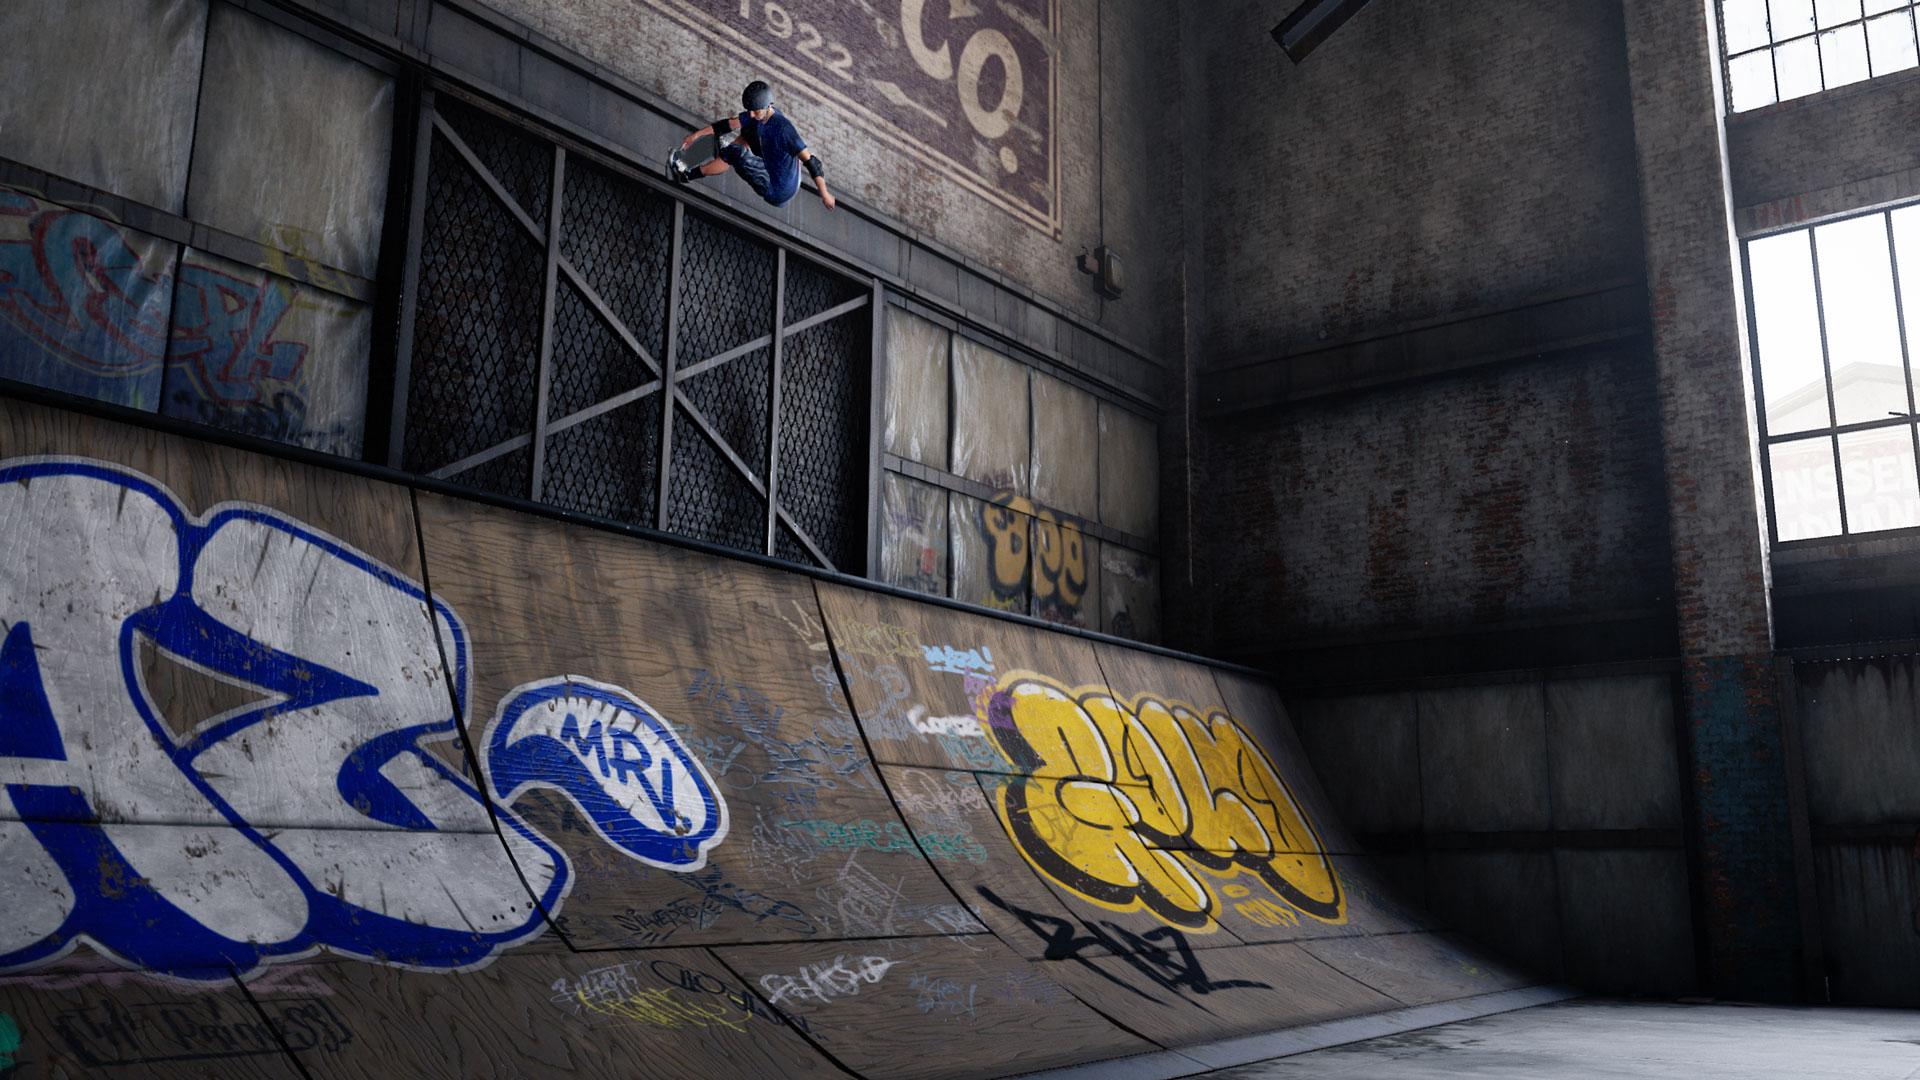 Tony Hawk's Pro Skater 1 and 2_03